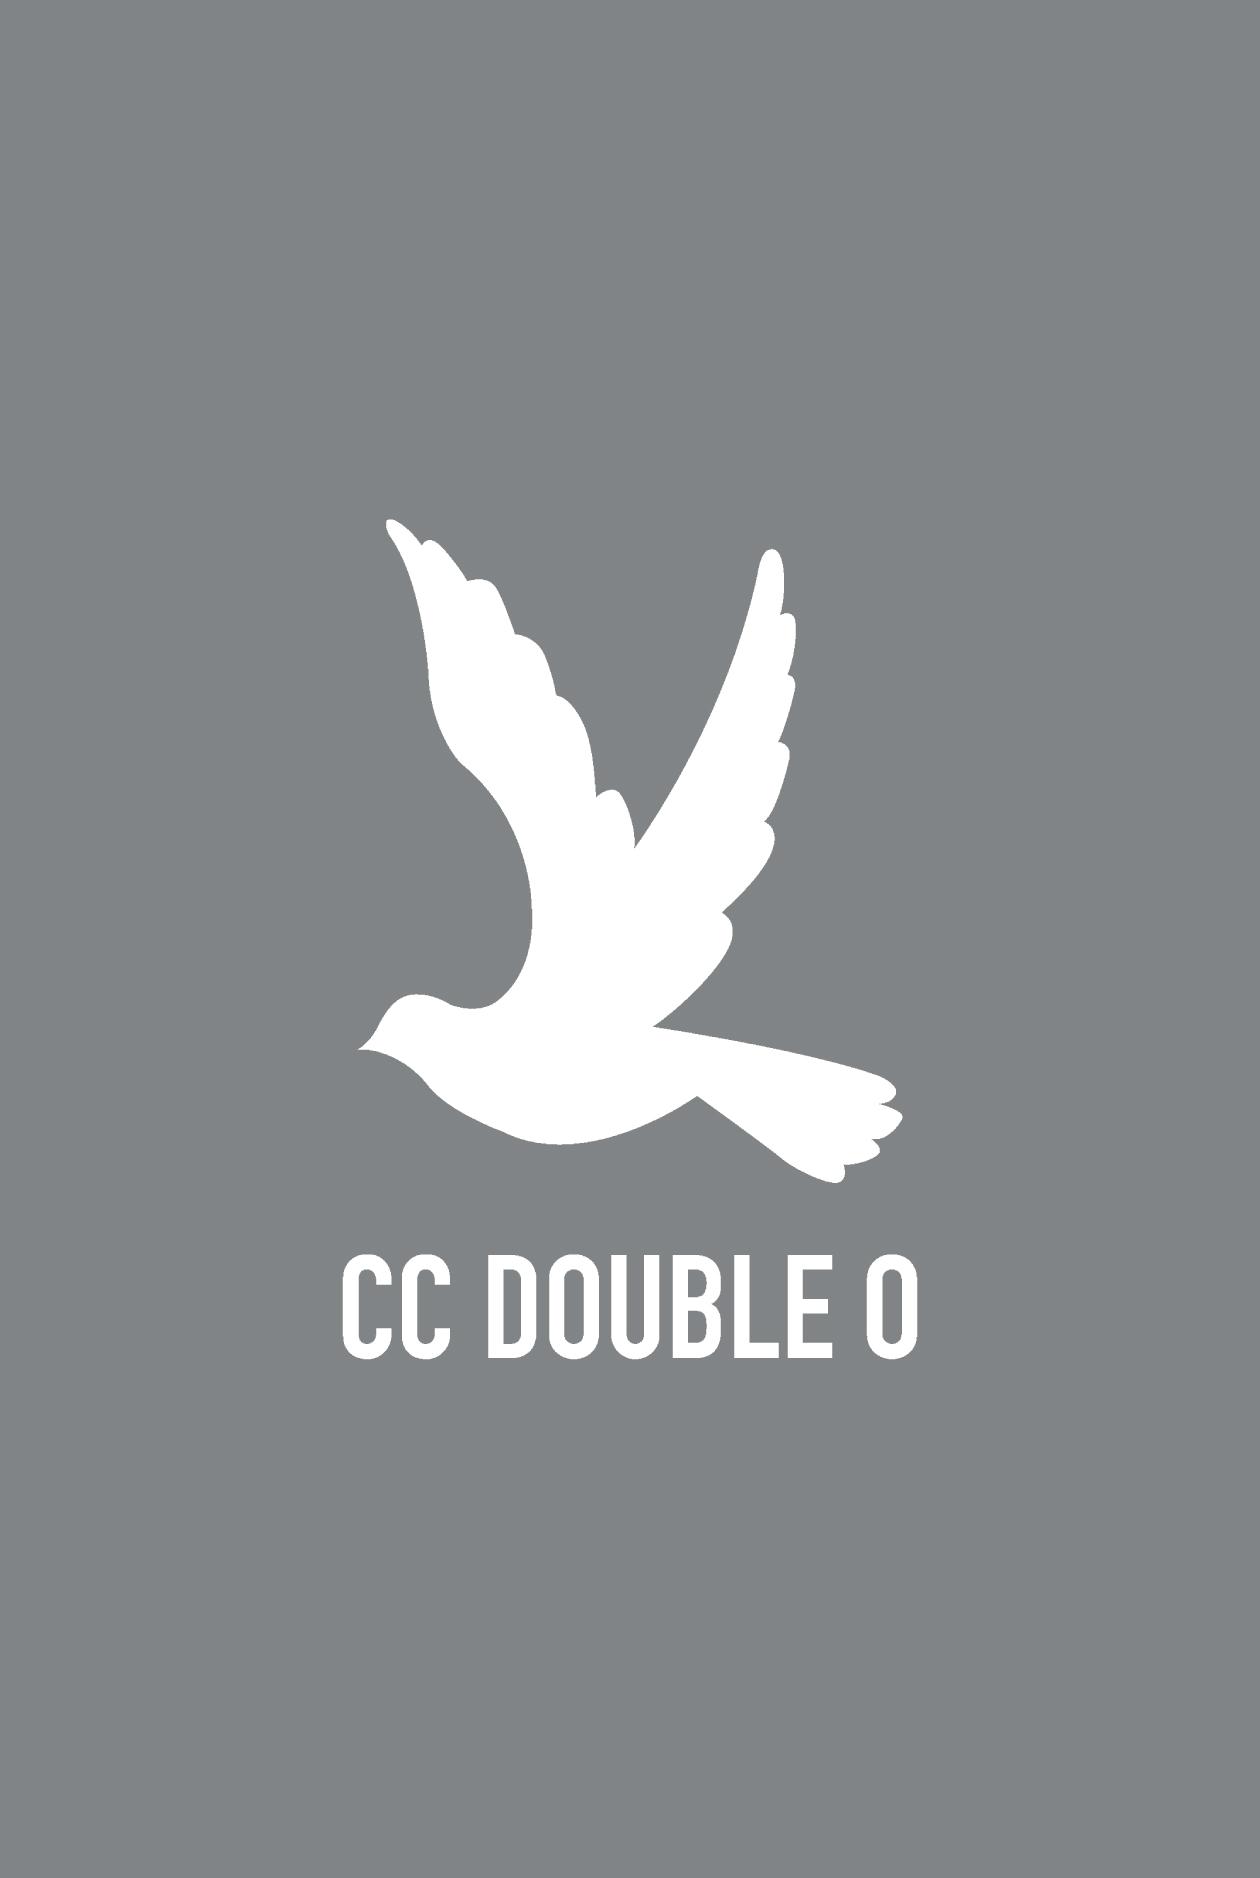 Enlarged Bird Logo Tee